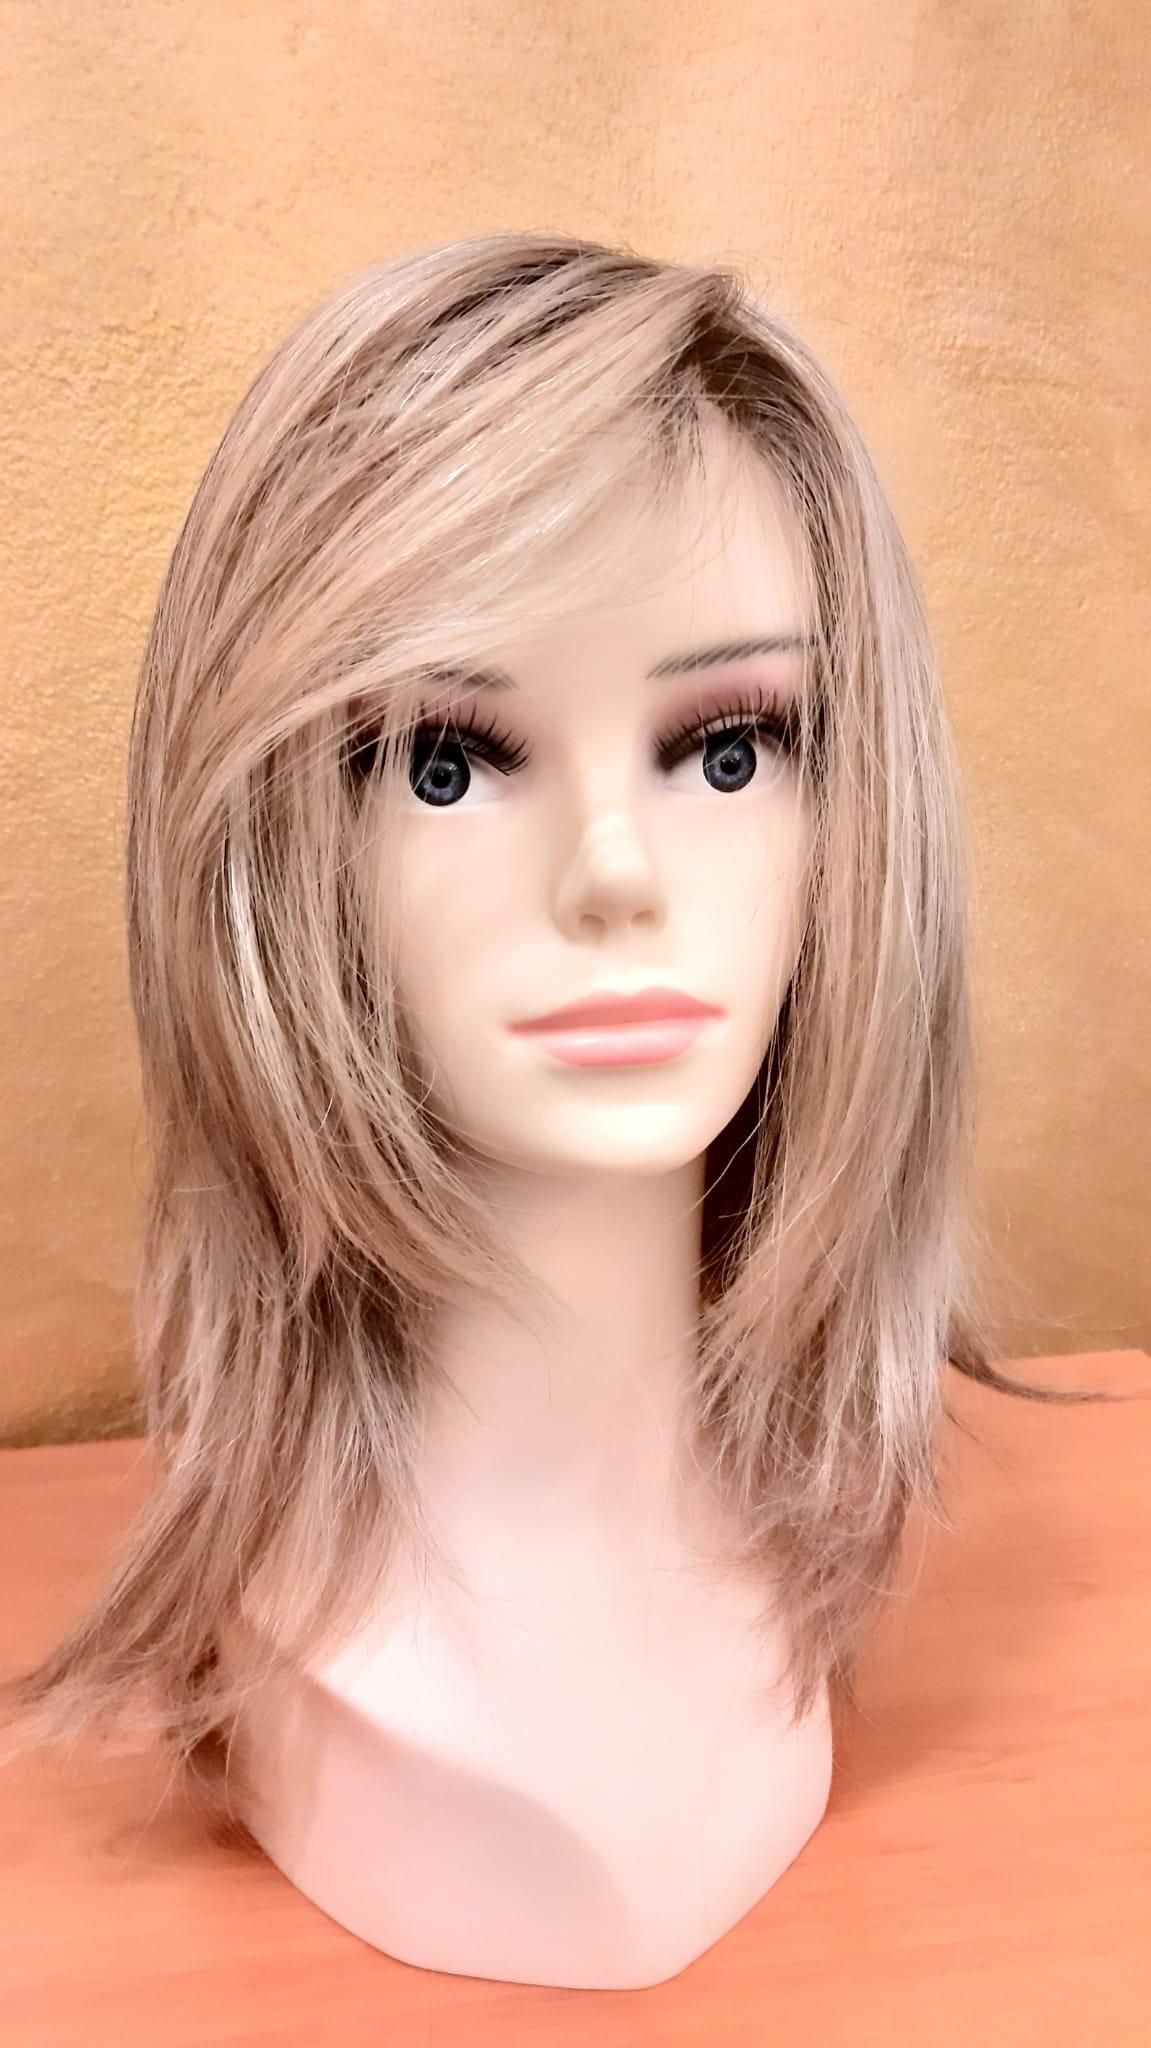 Meggy Human Hair